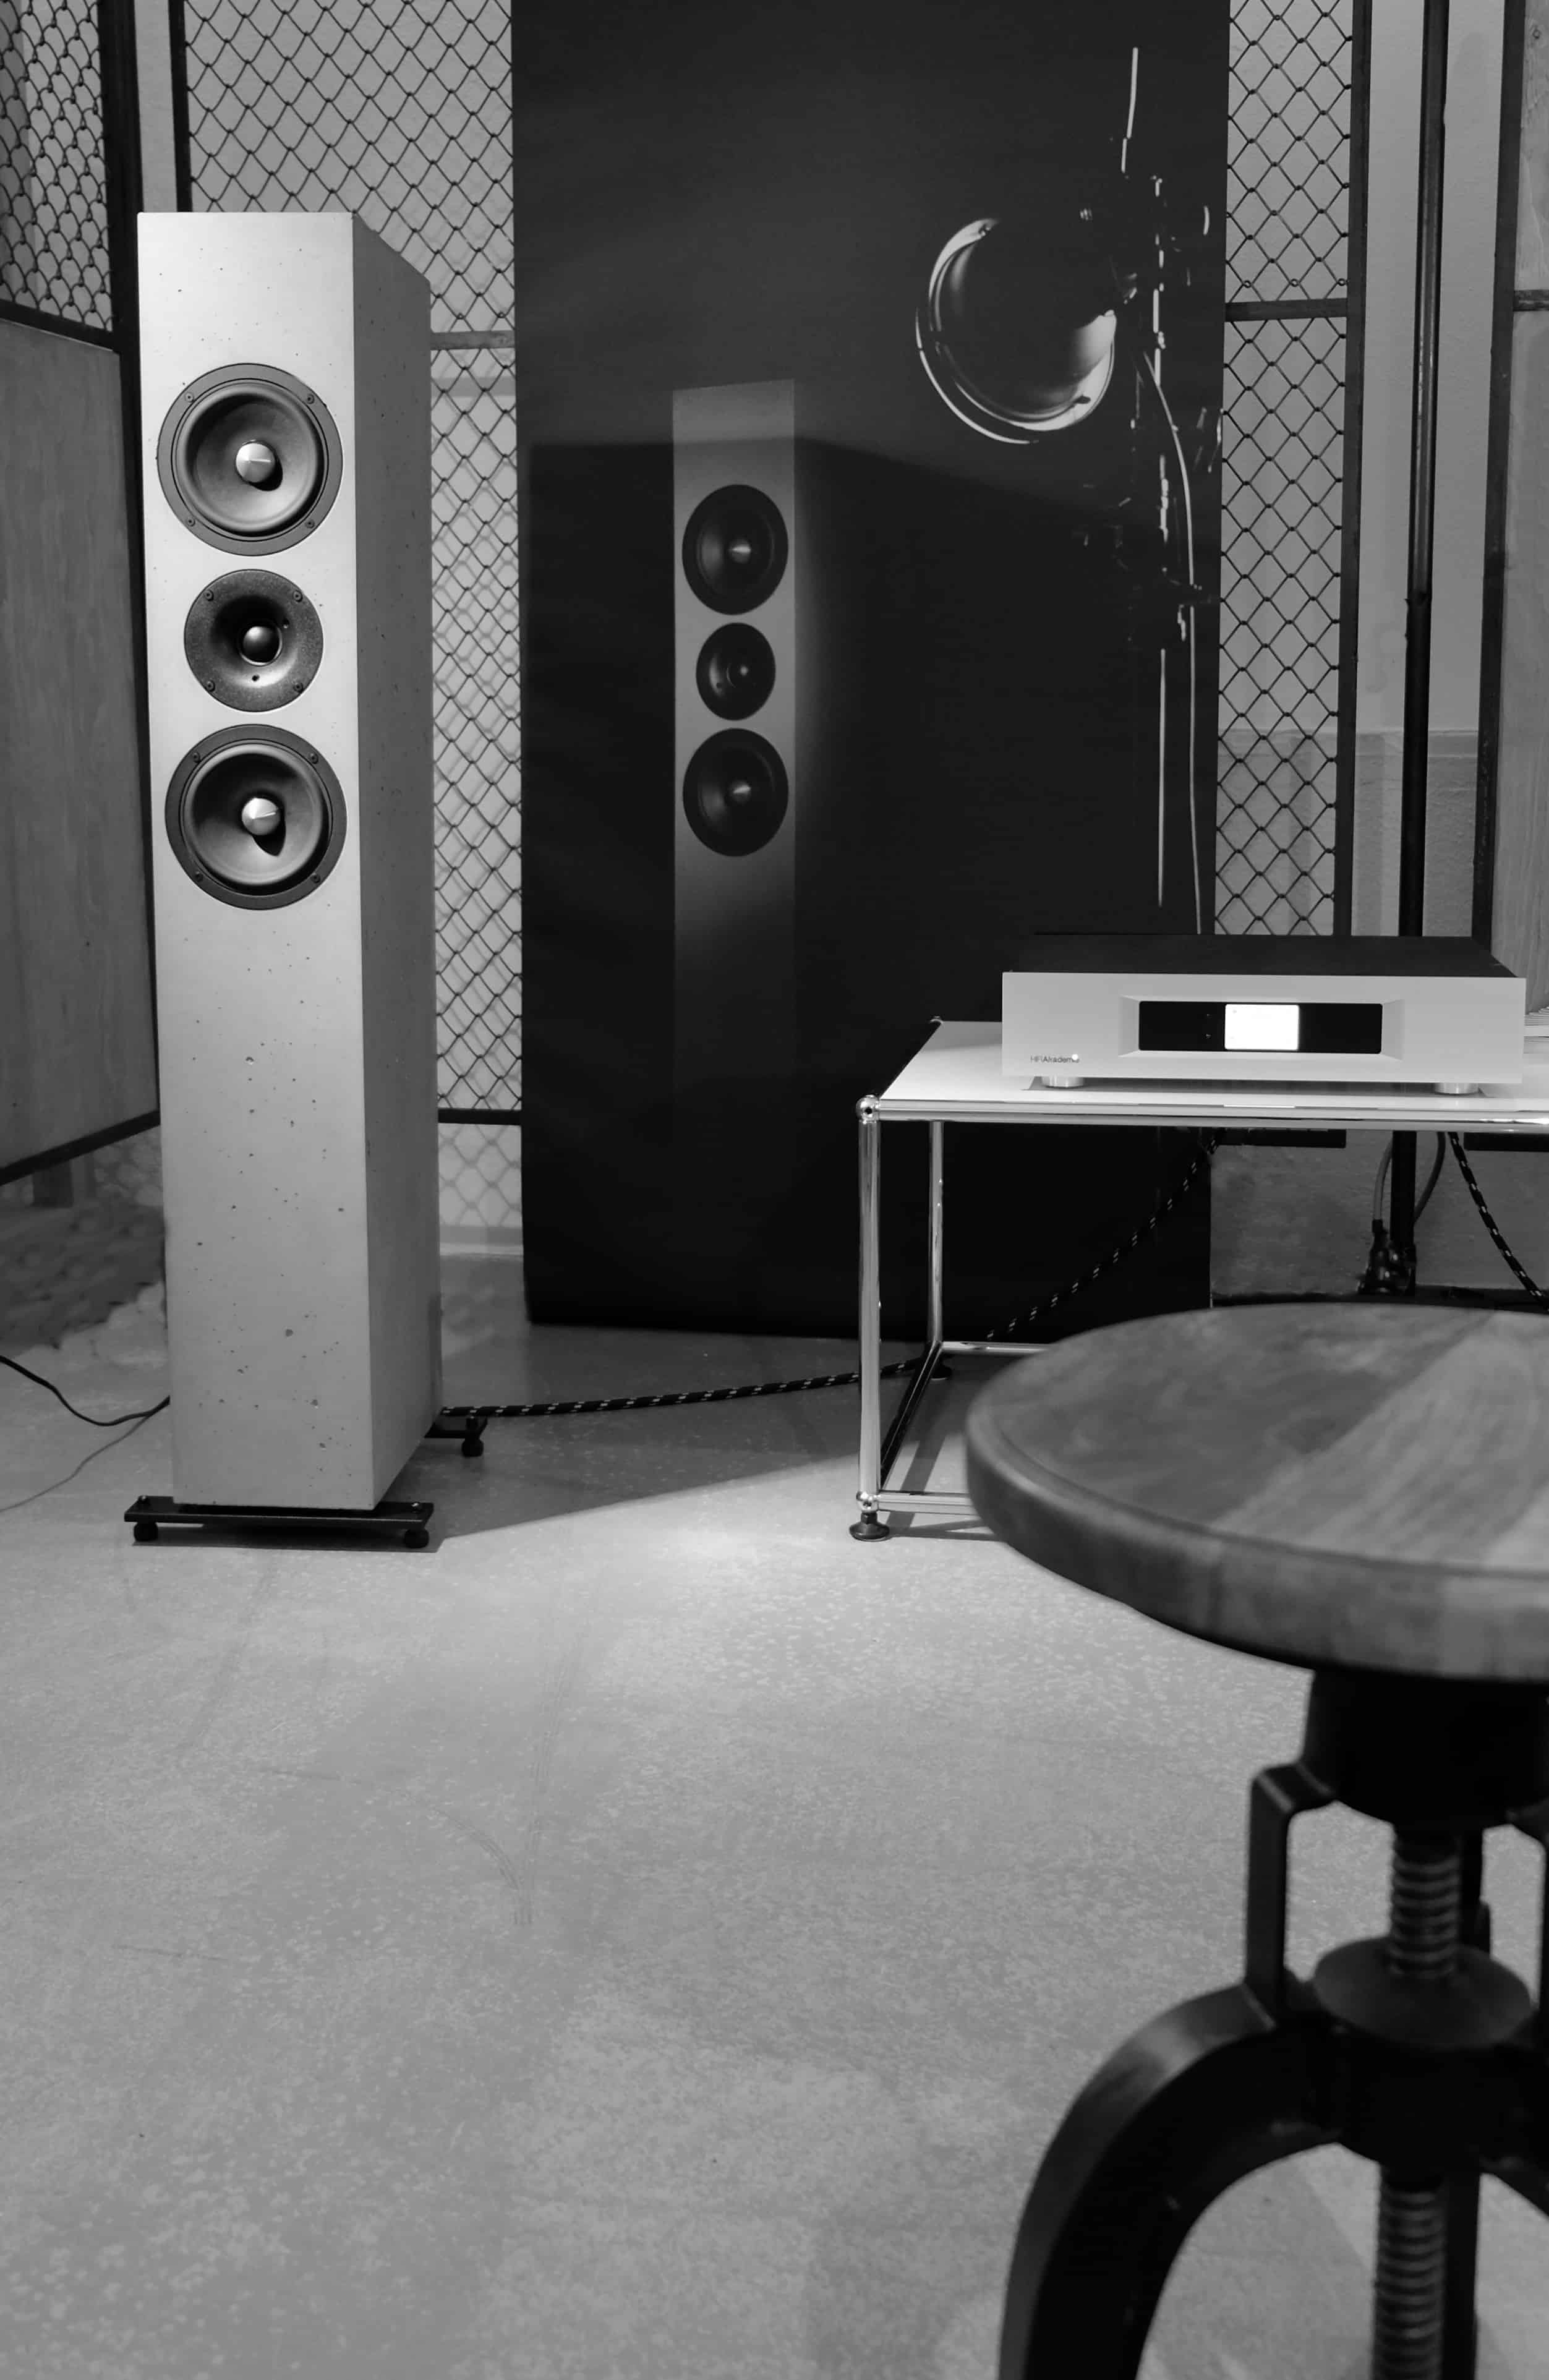 BETONart-audio auf der New Heritage in München - Praterinsel 2